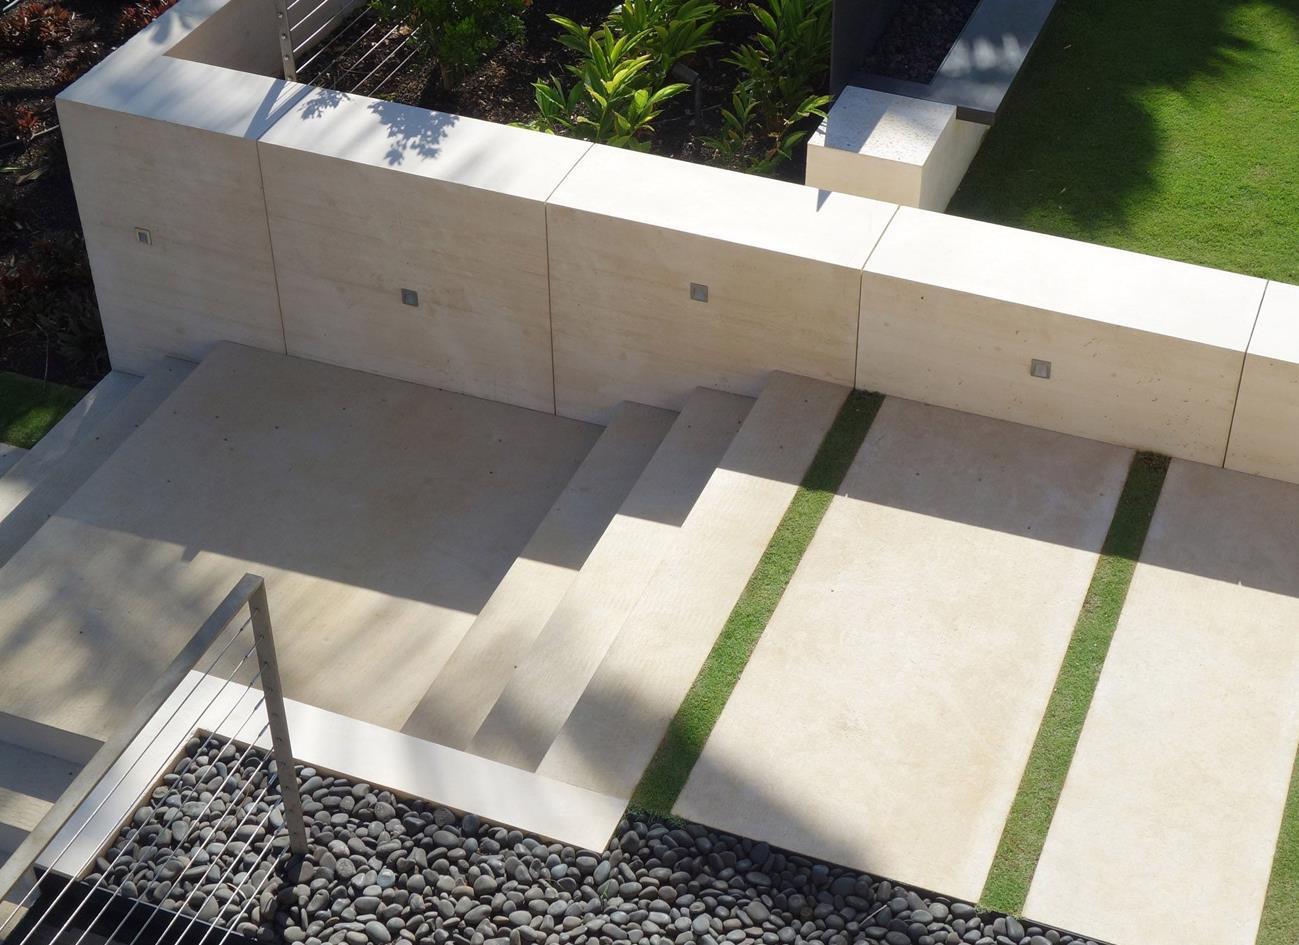 陶瓷厚板对比天然石材哪个更具有优势?